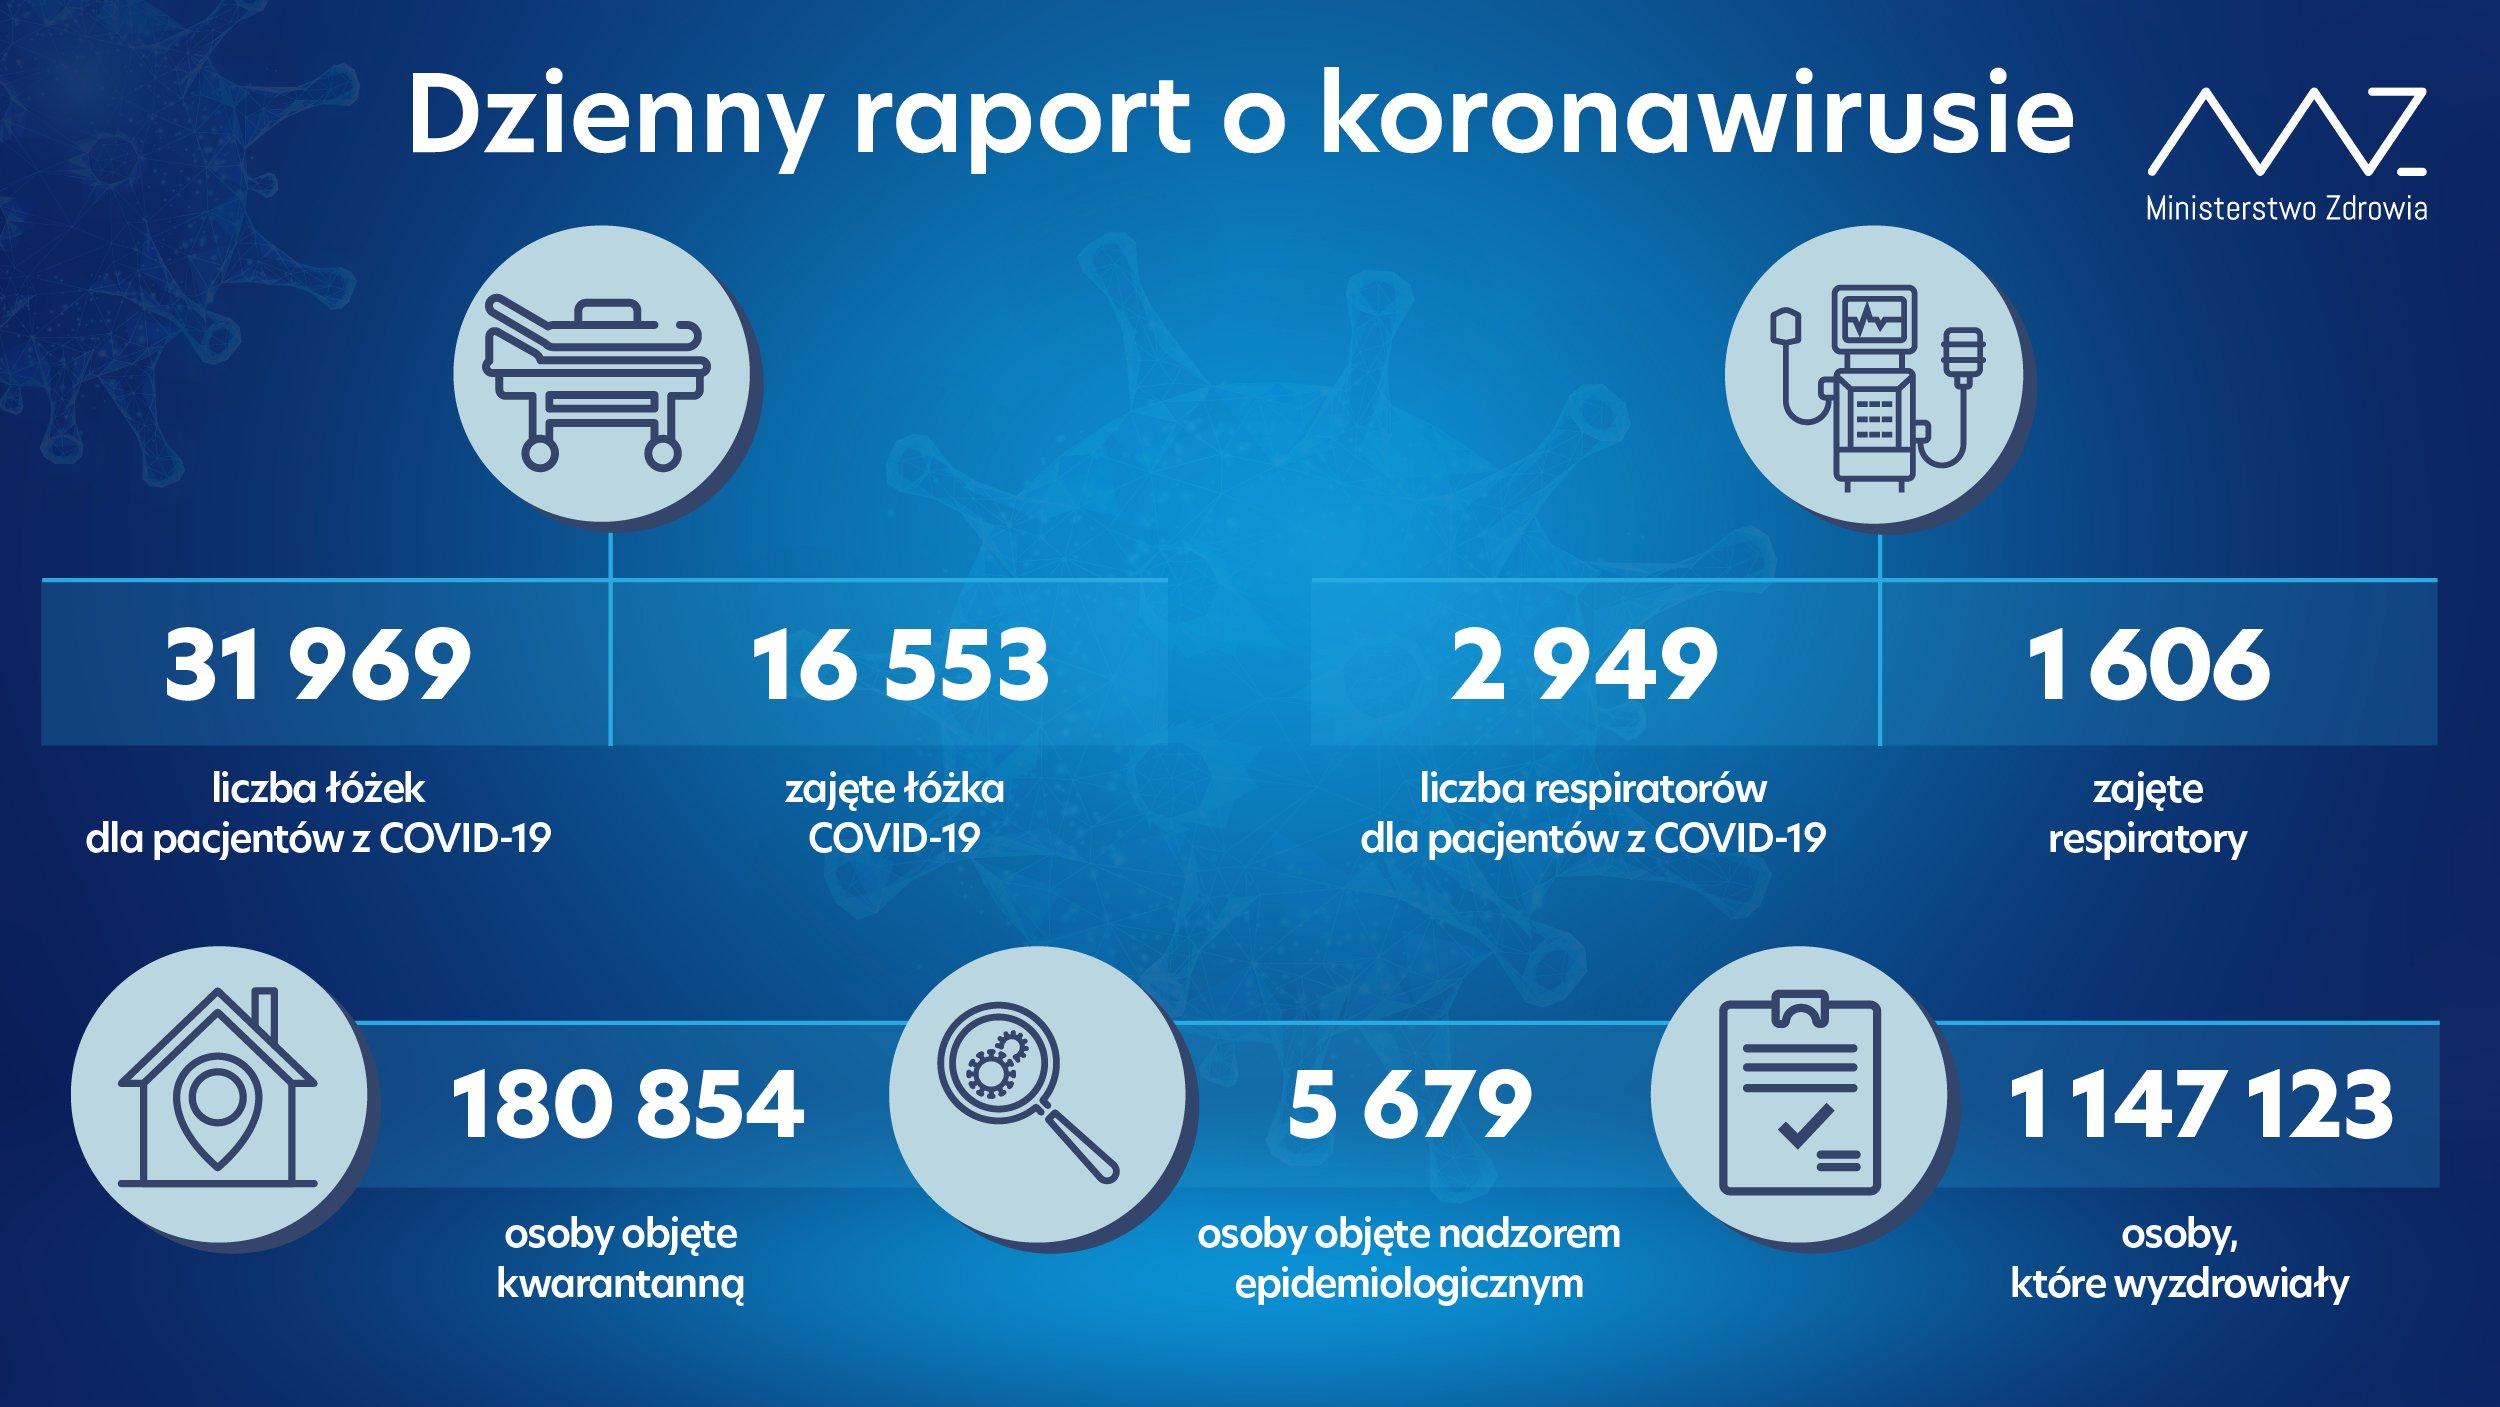 - liczba łóżek dla pacjentów z COVID-19: 31 969  - liczba łóżek zajętych: 16 553 - liczba respiratorów dla pacjentów z COVID-19: 2 949 - liczba zajętych respiratorów: 1 606 - liczba osób objętych kwarantanną: 180 854 - liczba osób objętych nadzorem sanitarno-epidemiologicznym: 5 679 - liczba osób, które wyzdrowiały: 1 147 123